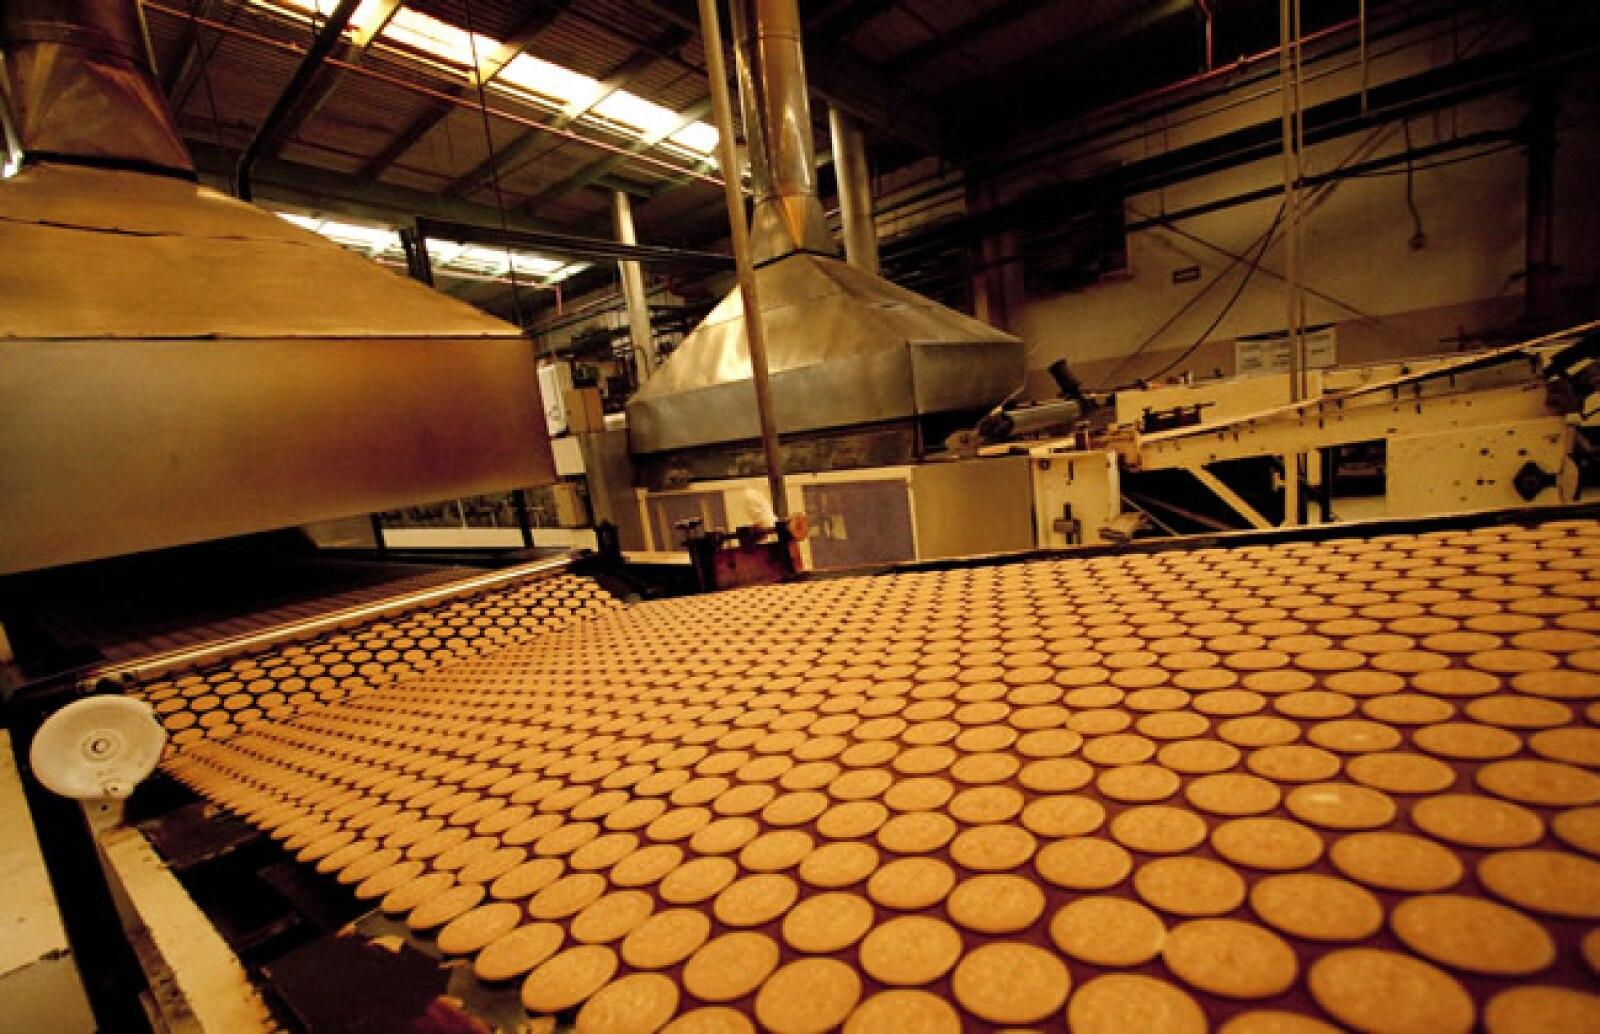 Las galletas corren en una banda que se dirige al horno a una temperatura de entre 120� y 150�